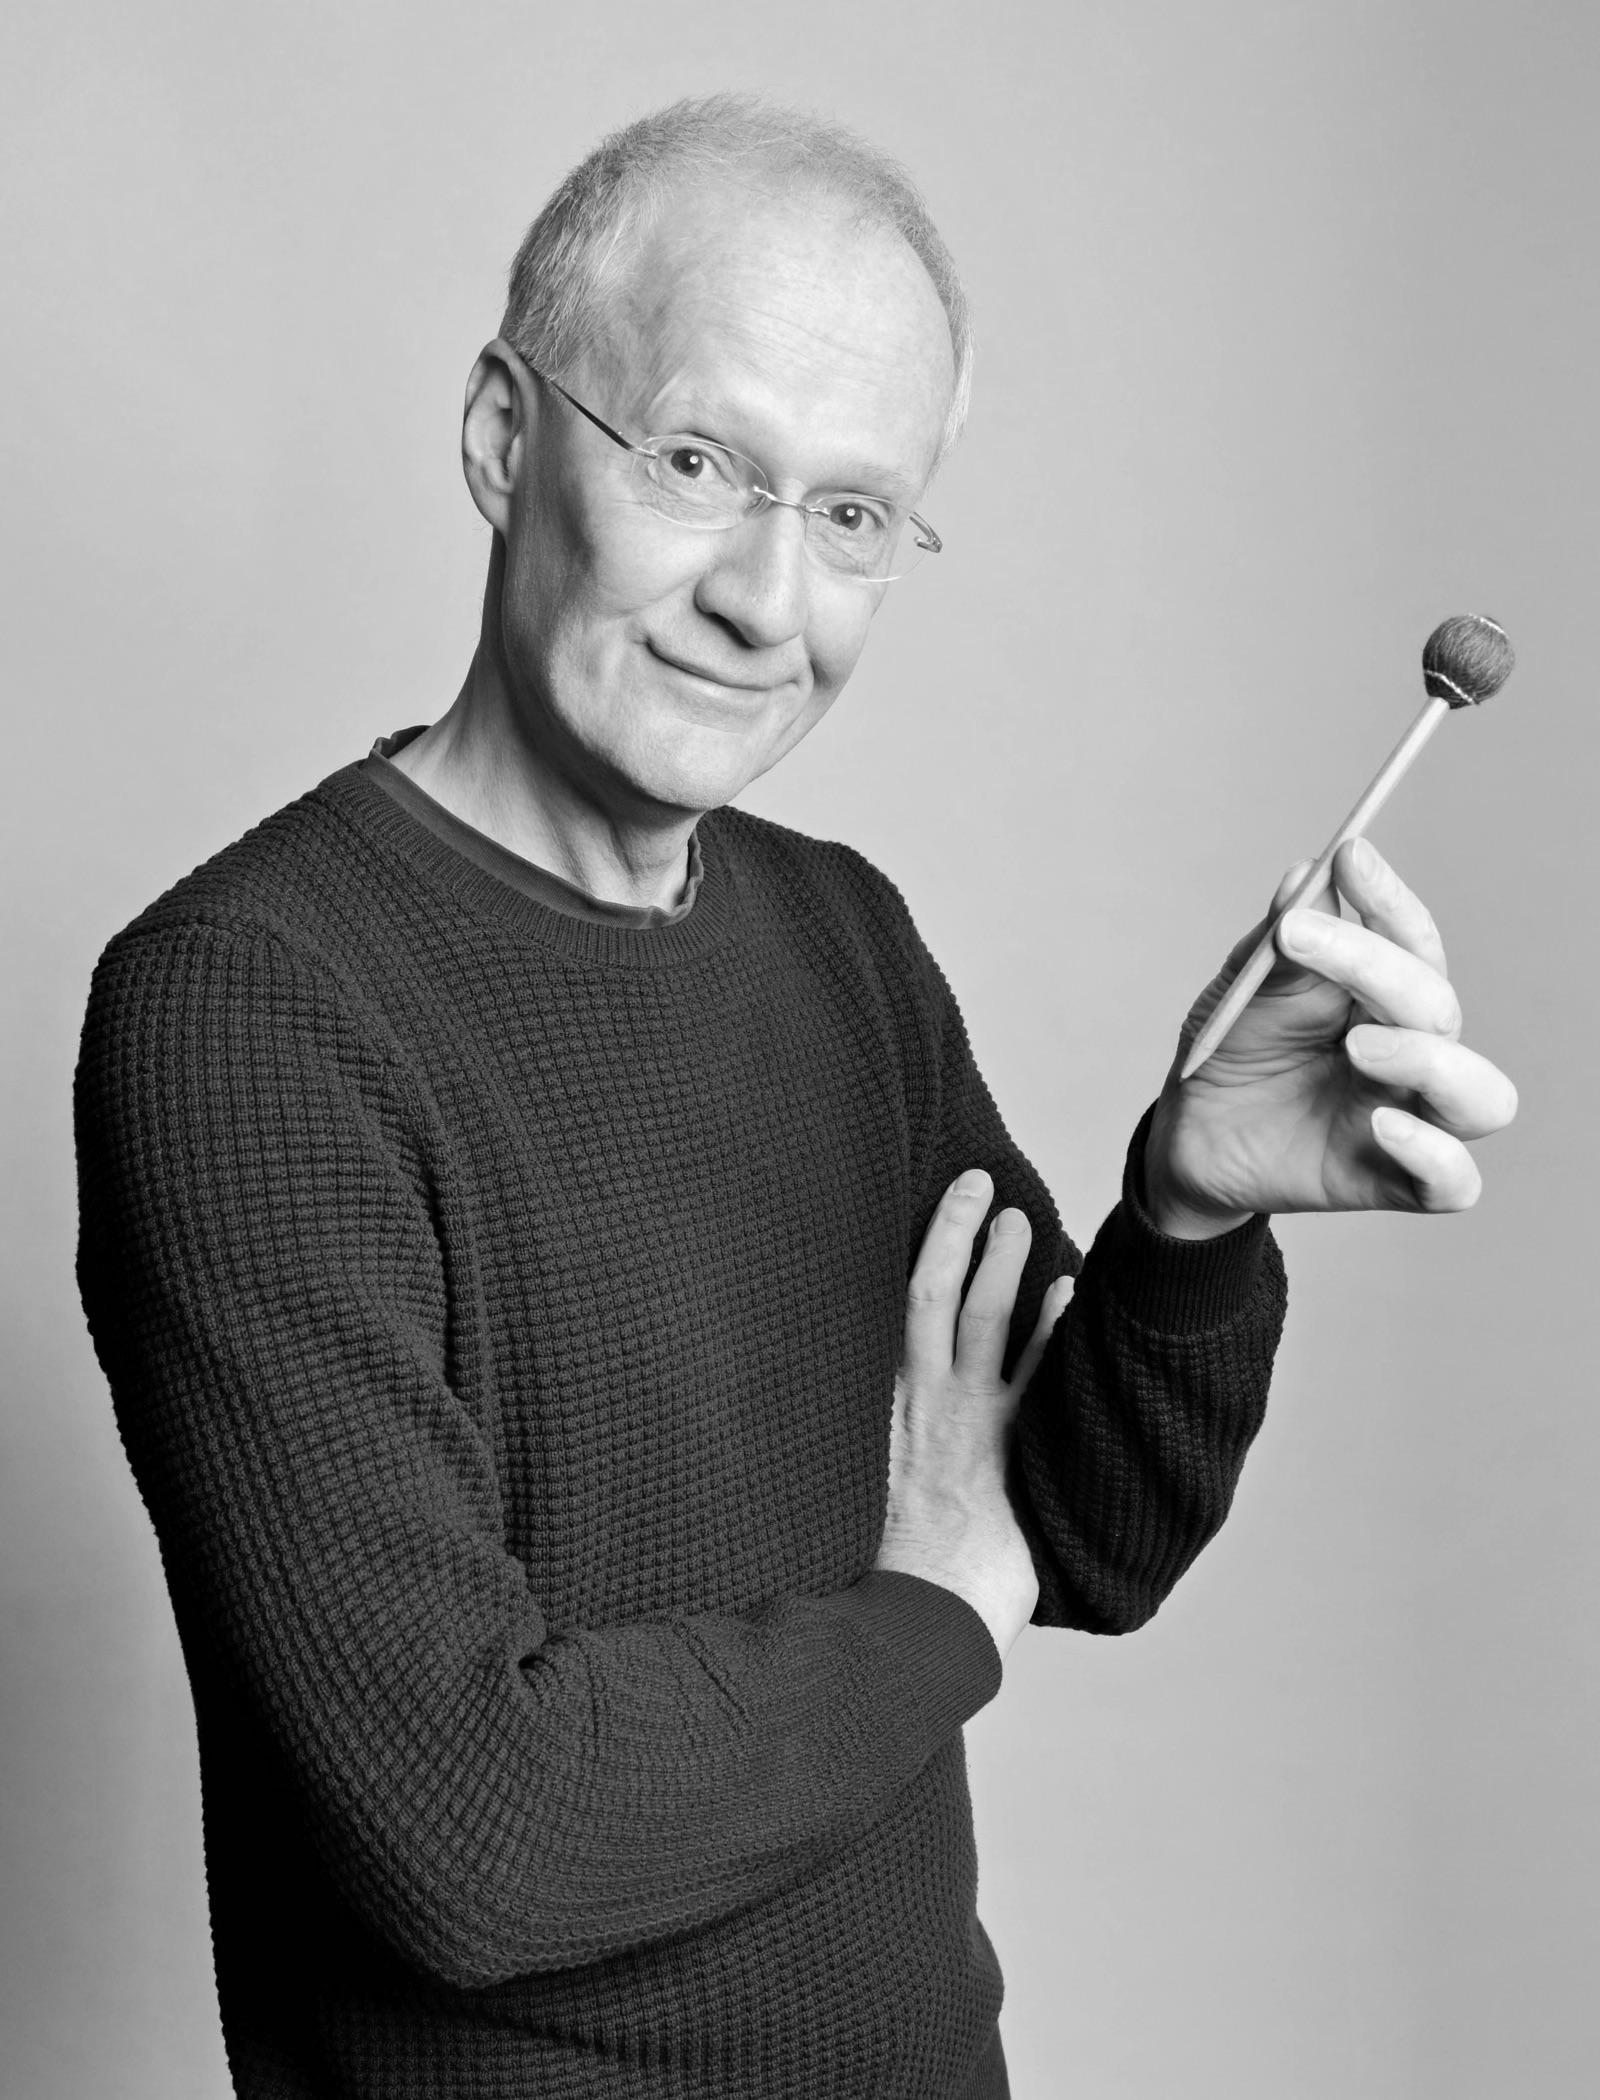 Manfred Menke